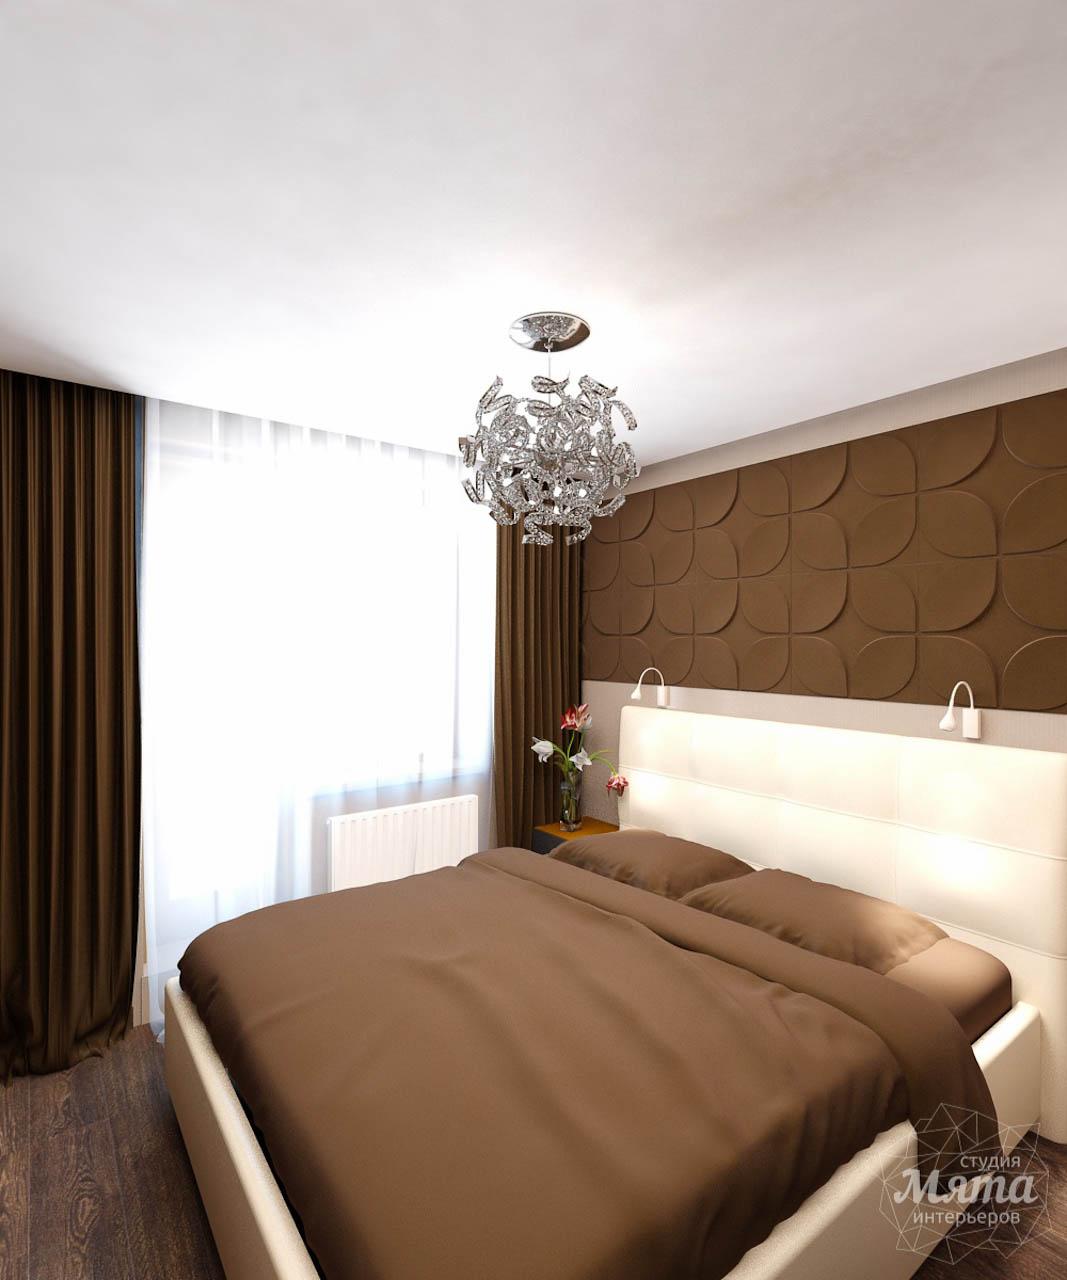 Дизайн интерьера двухкомнатной квартиры по ул. Бебеля 156 img1034972385